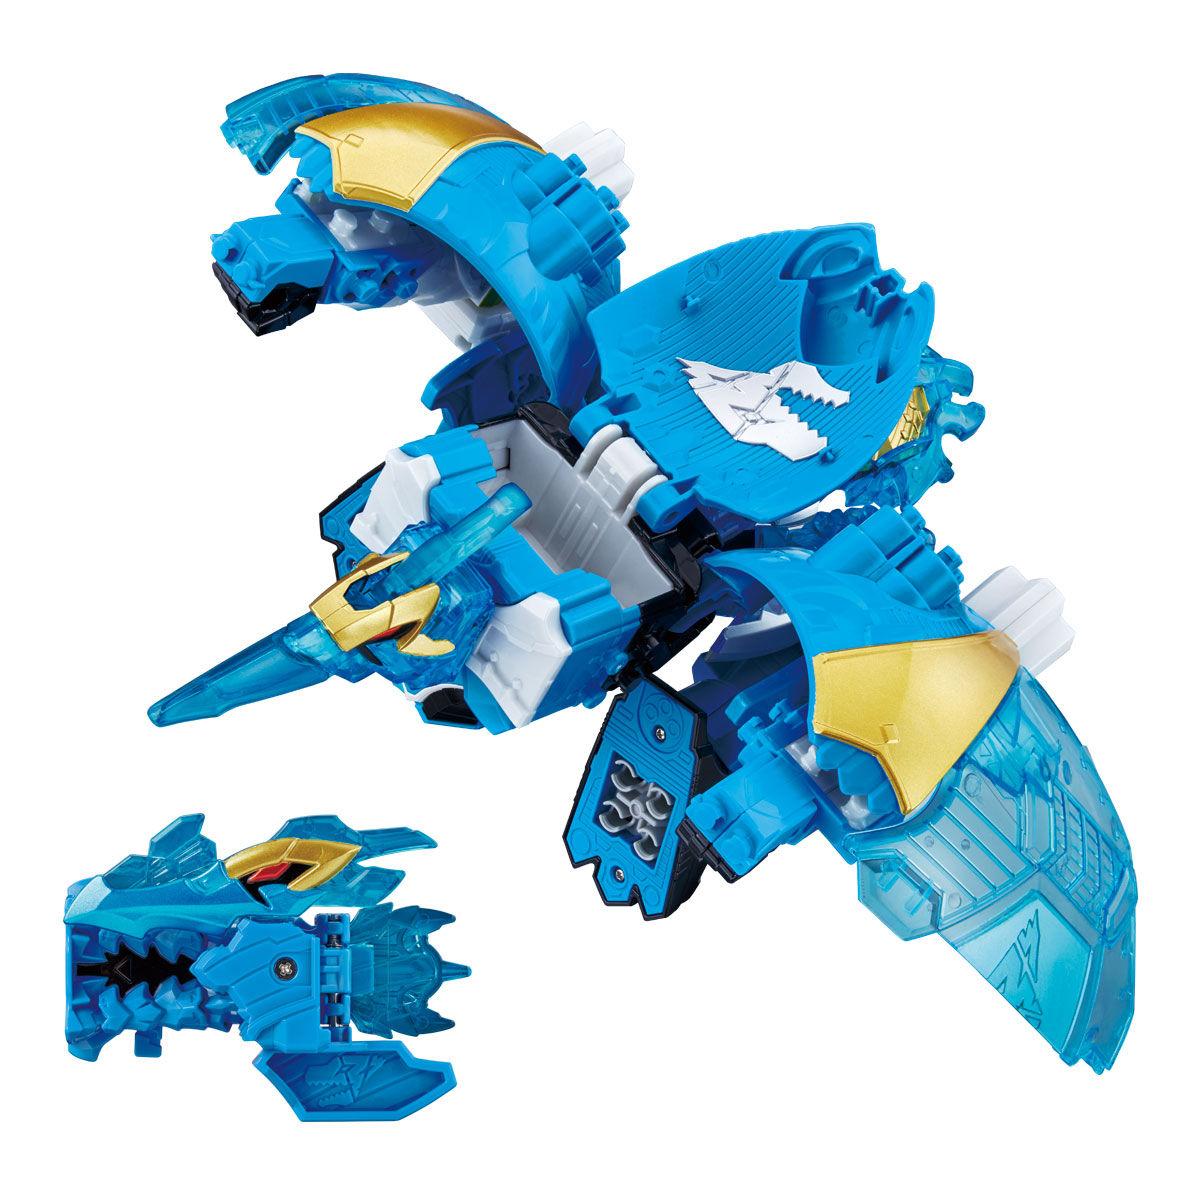 騎士竜戦隊リュウソウジャー『騎士竜シリーズ11 竜装変形 DXヨクリュウオー』可変可動フィギュア-002